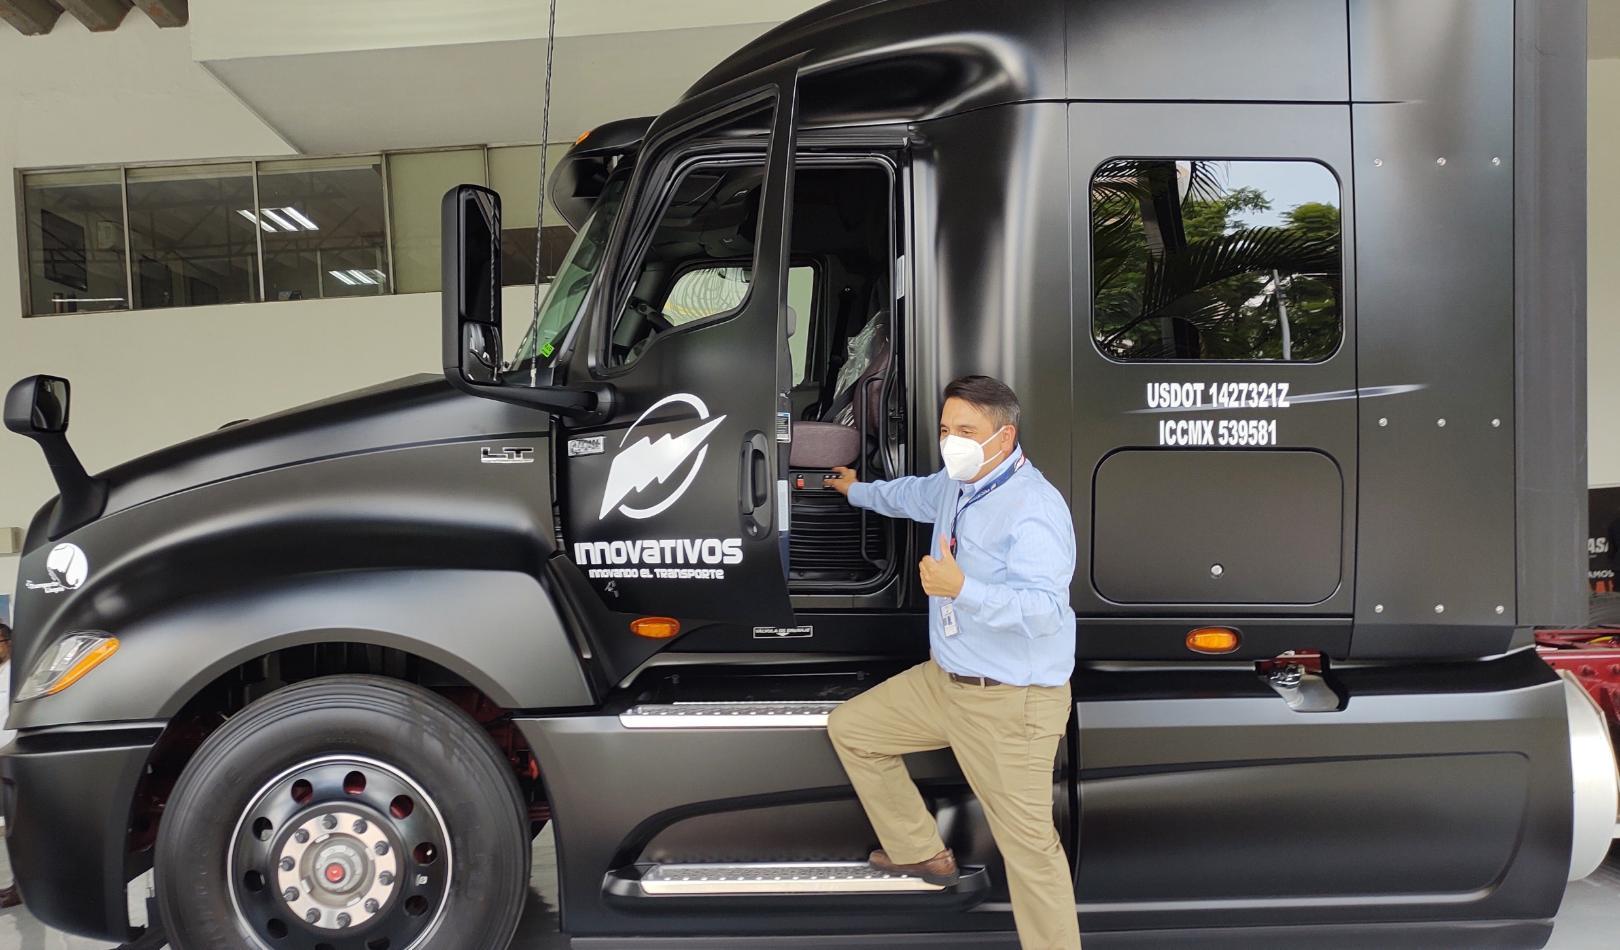 Transportes Innovativos, LT, Navistar, International, CAJASA